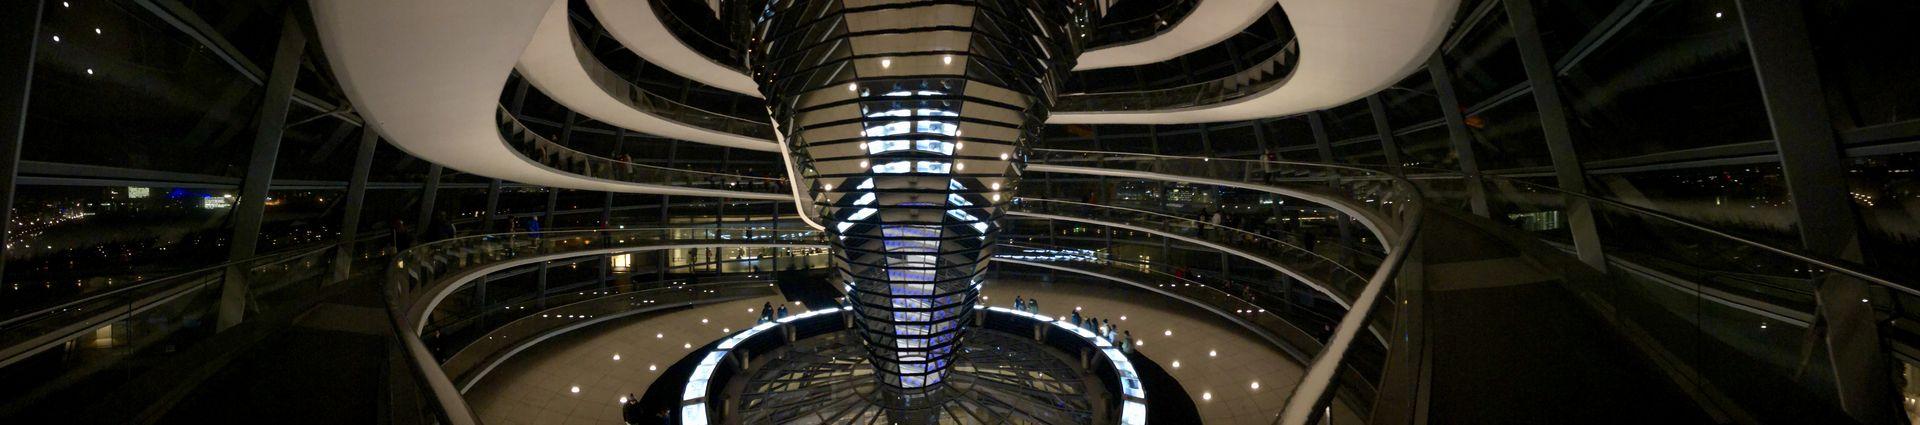 Auf der Panorama-Aufnahme wirkt die Kuppelarchitektur besonders beeindruckend!